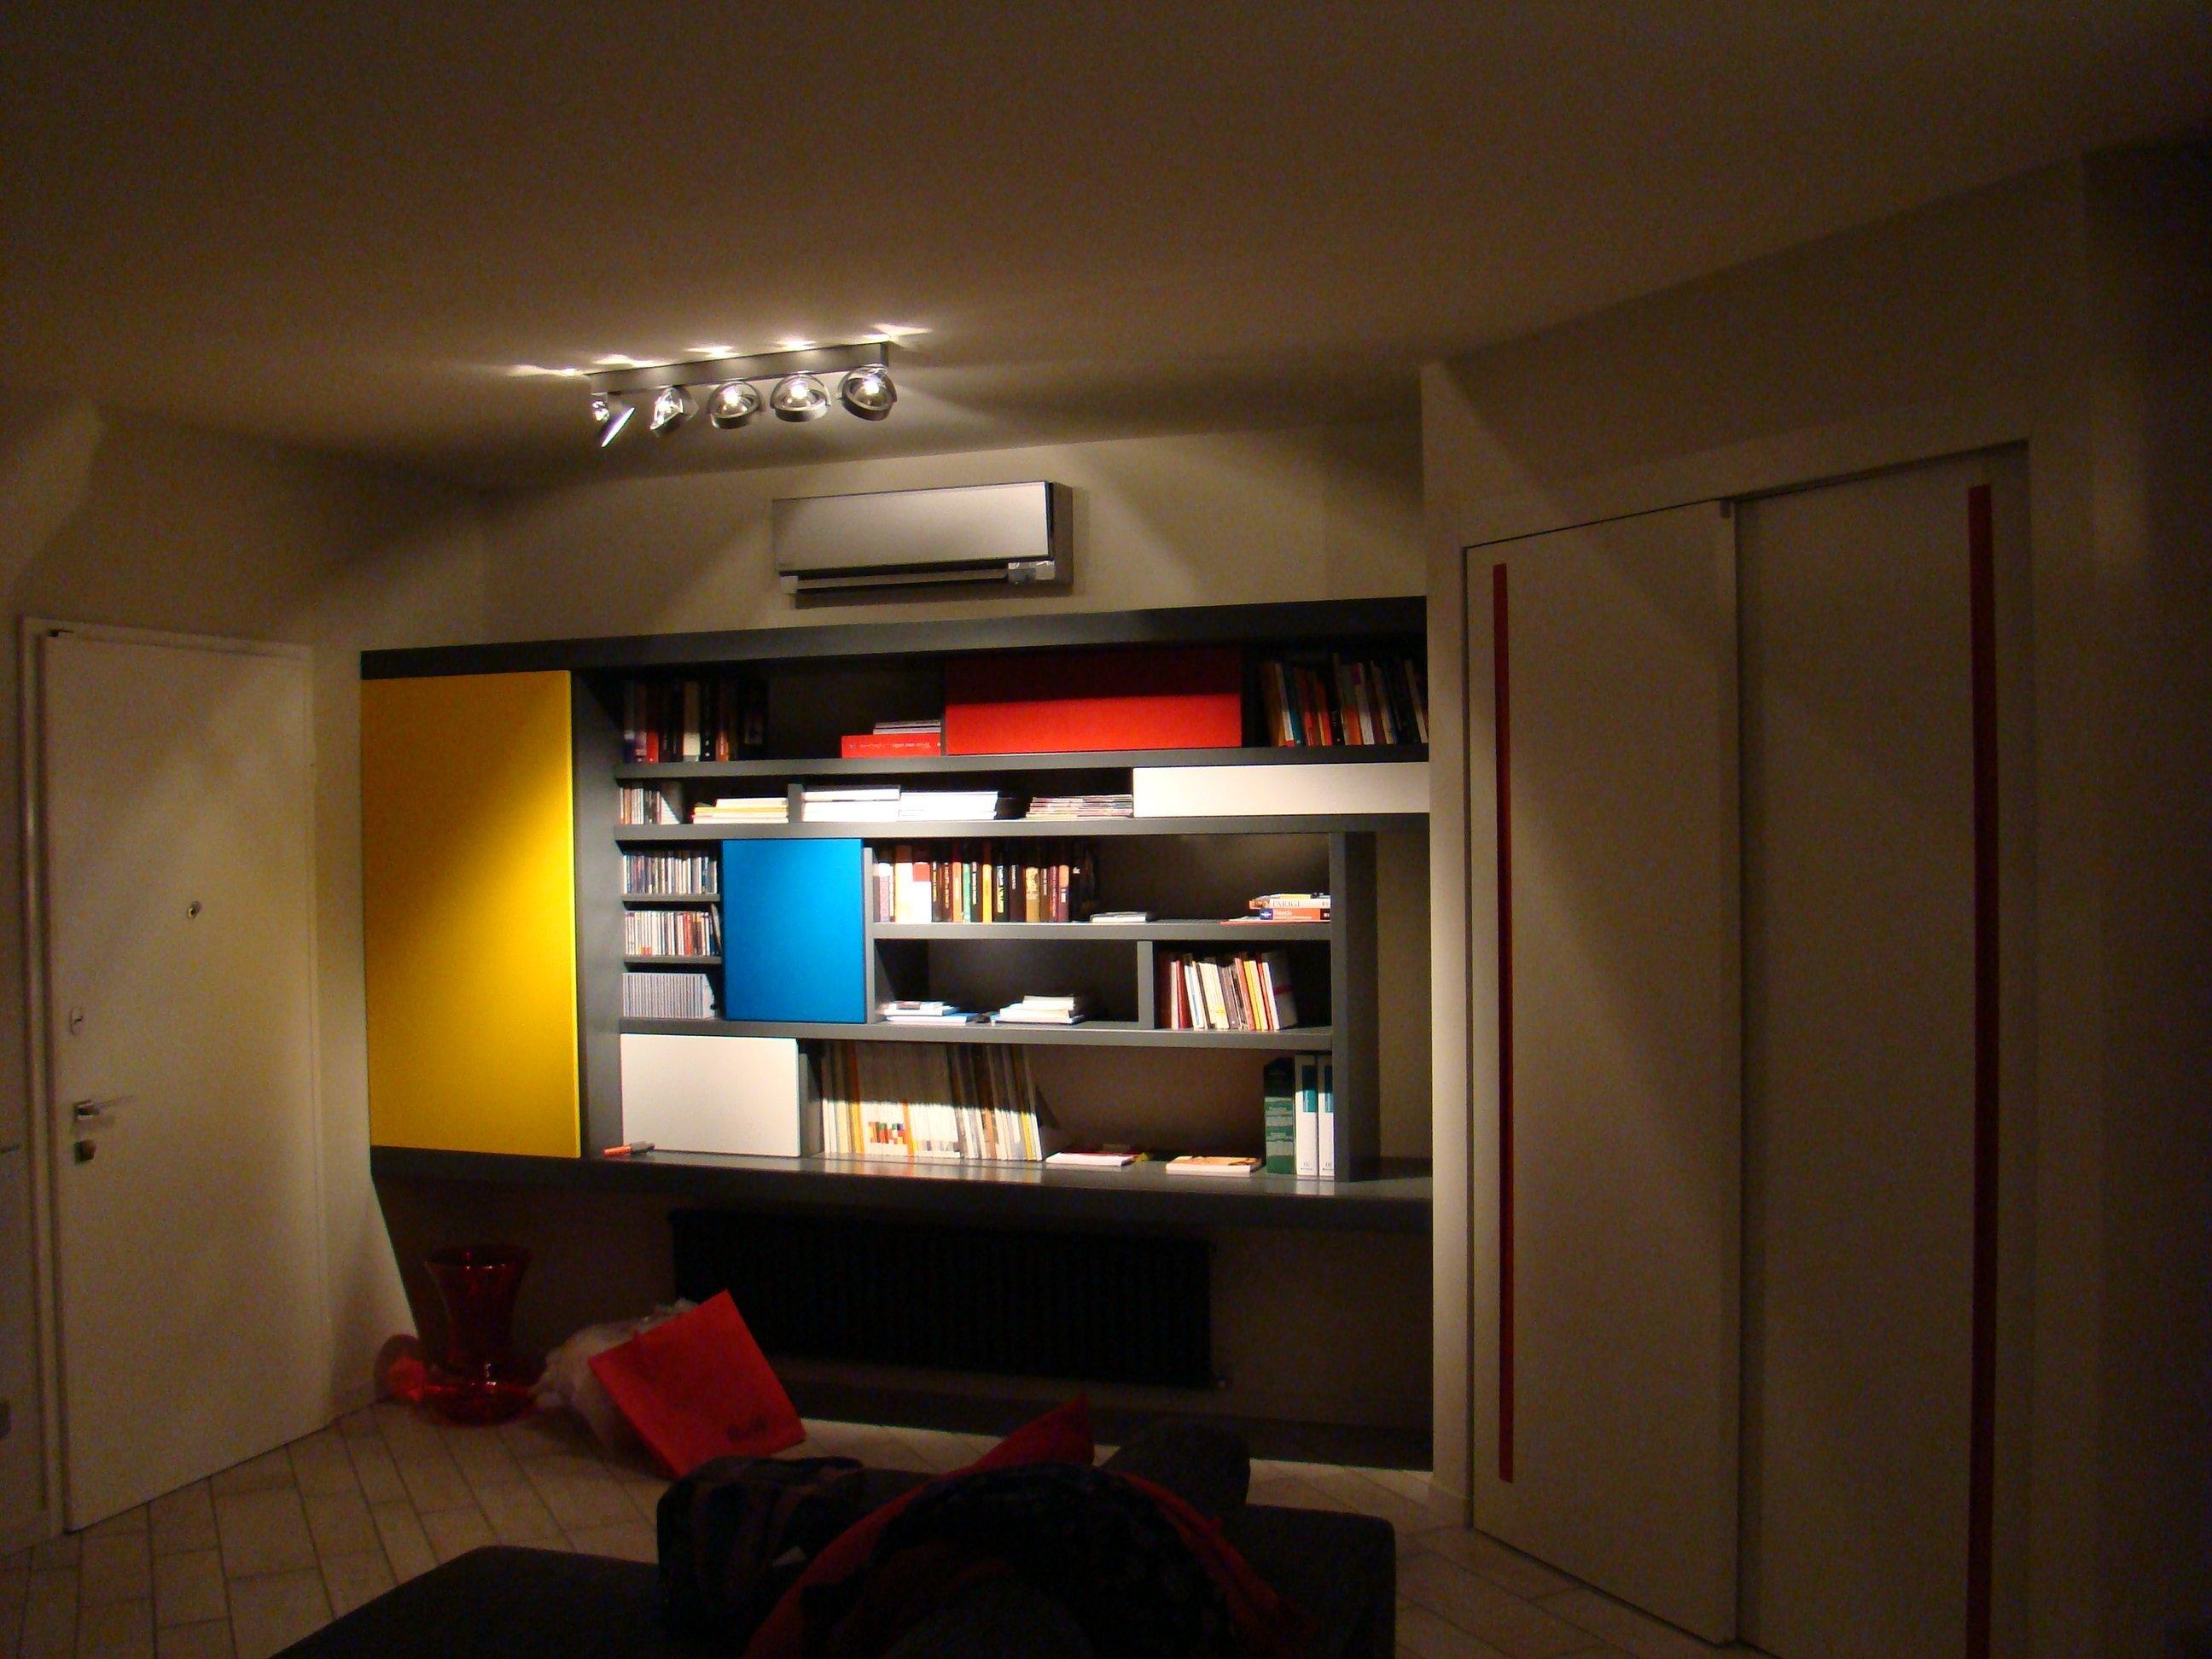 Libreria mondy marco aceti architetto bergamo for Aceti arredamenti